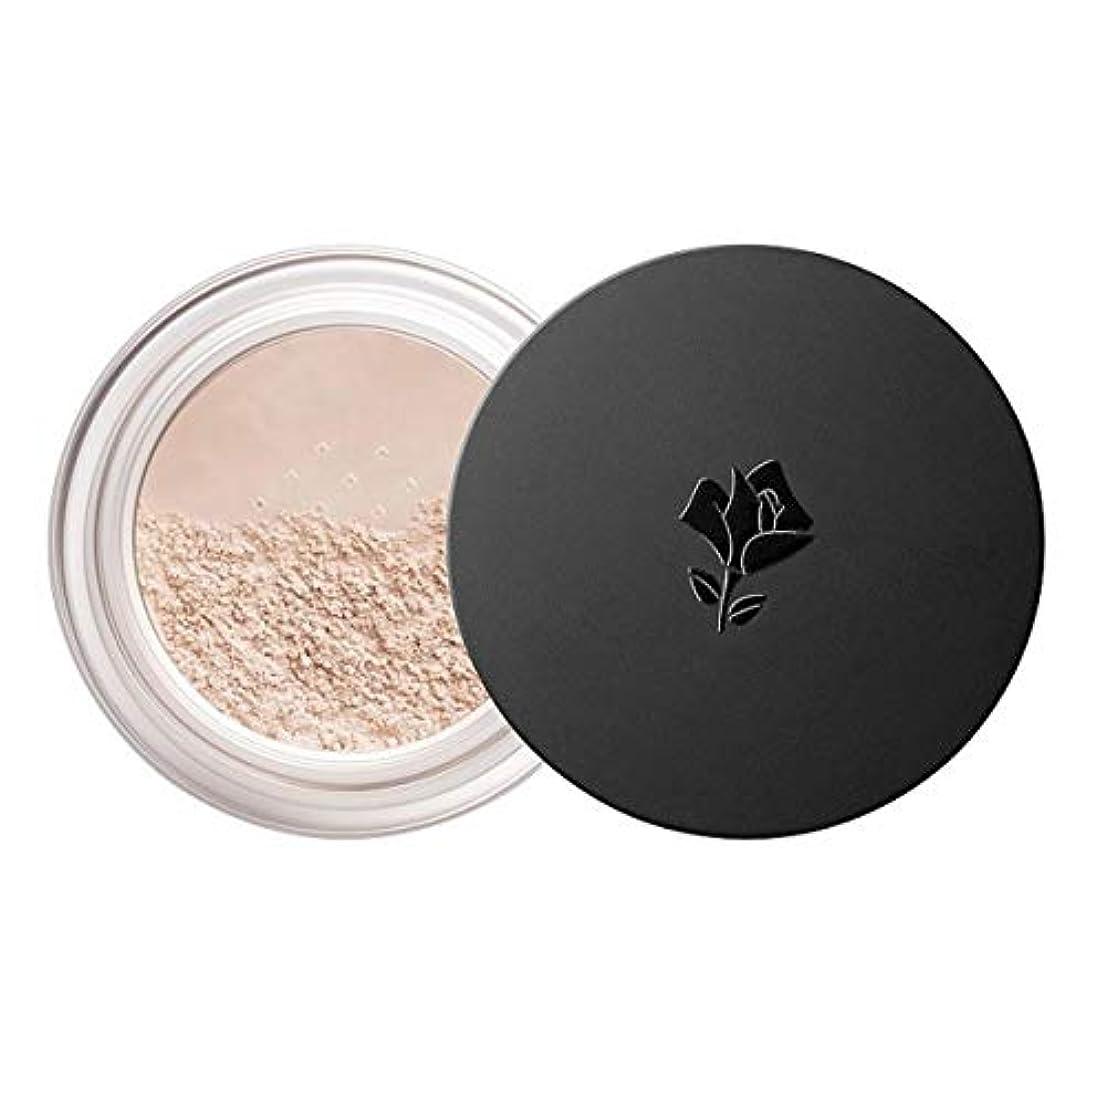 真鍮のホストレッドデートランコム Long Time No Shine Loose Setting & Mattifying Powder - # Translucent 15g/0.52oz並行輸入品